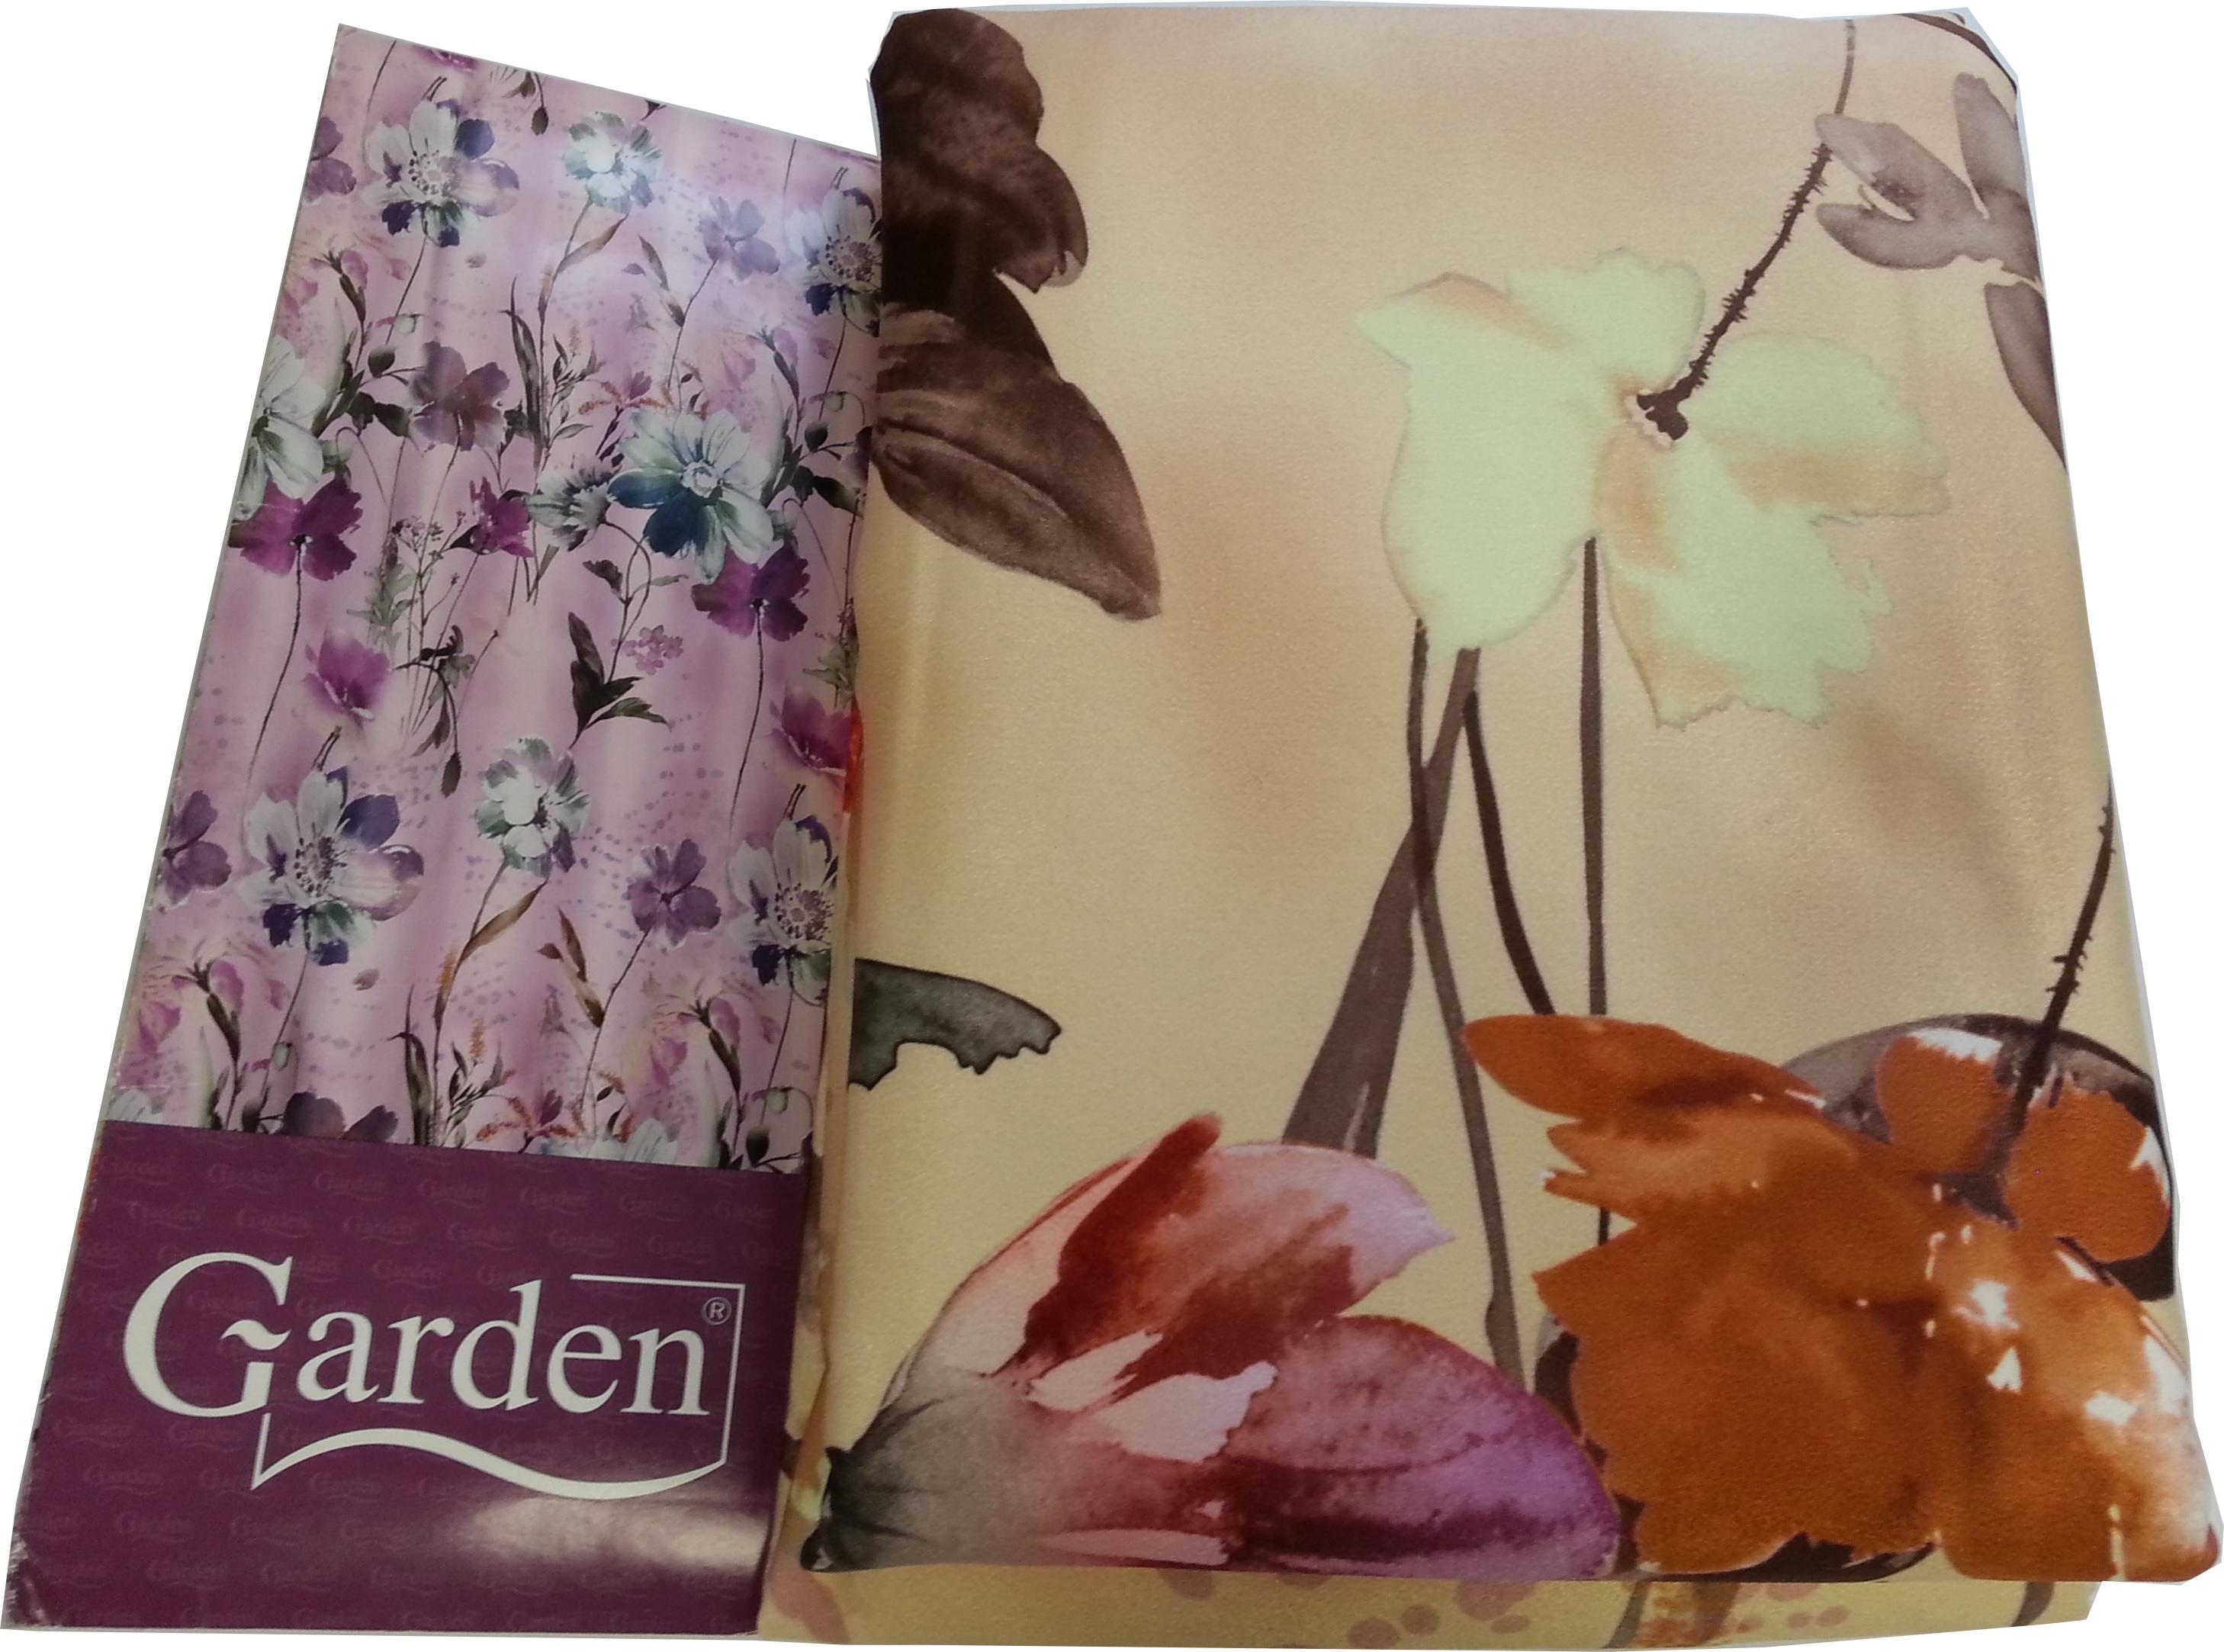 Шторы Garden Классические шторы Полевые Цветы Цвет: Терракотовый-Коричневый/Светло-Желтый garden garden классические шторы полевые вьюнки цвет розовый